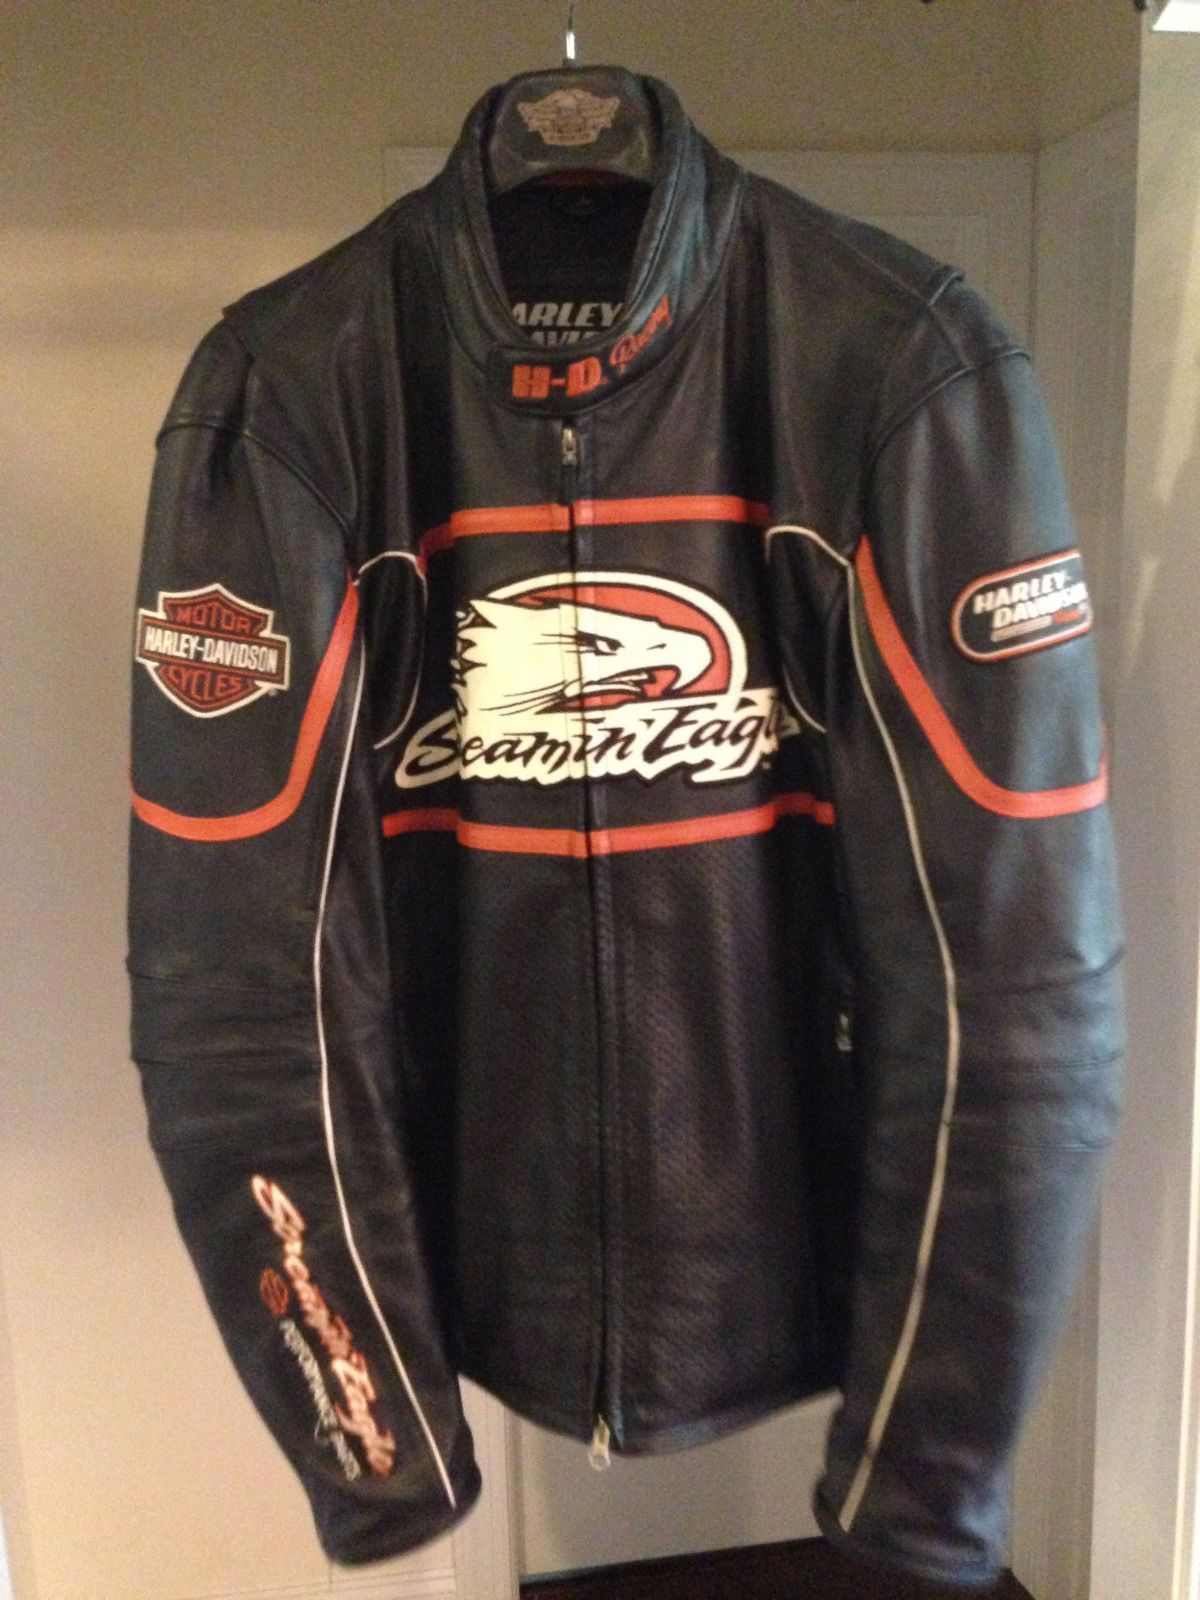 Harley Davidson Mens Screamin Eagle Raceway Leather Jacket Size Large 98226 06vm